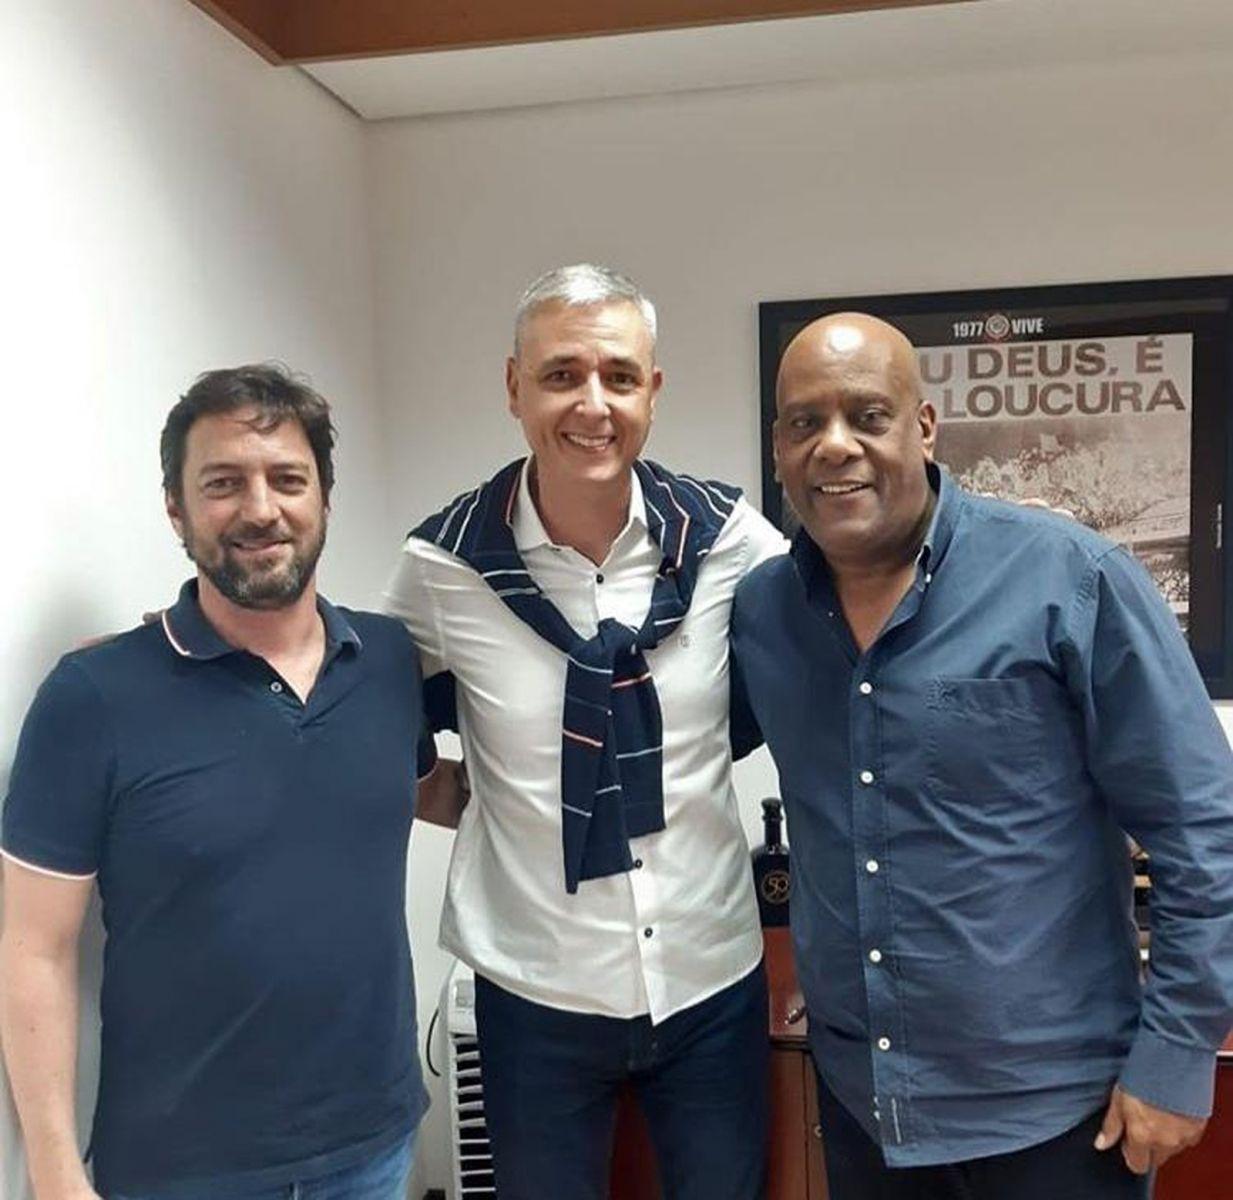 Tiago Nunes com Duílio Monteiro Alves e André Negão em visita ao Corinthians no ano passado — Foto: Reprodução/Instagram